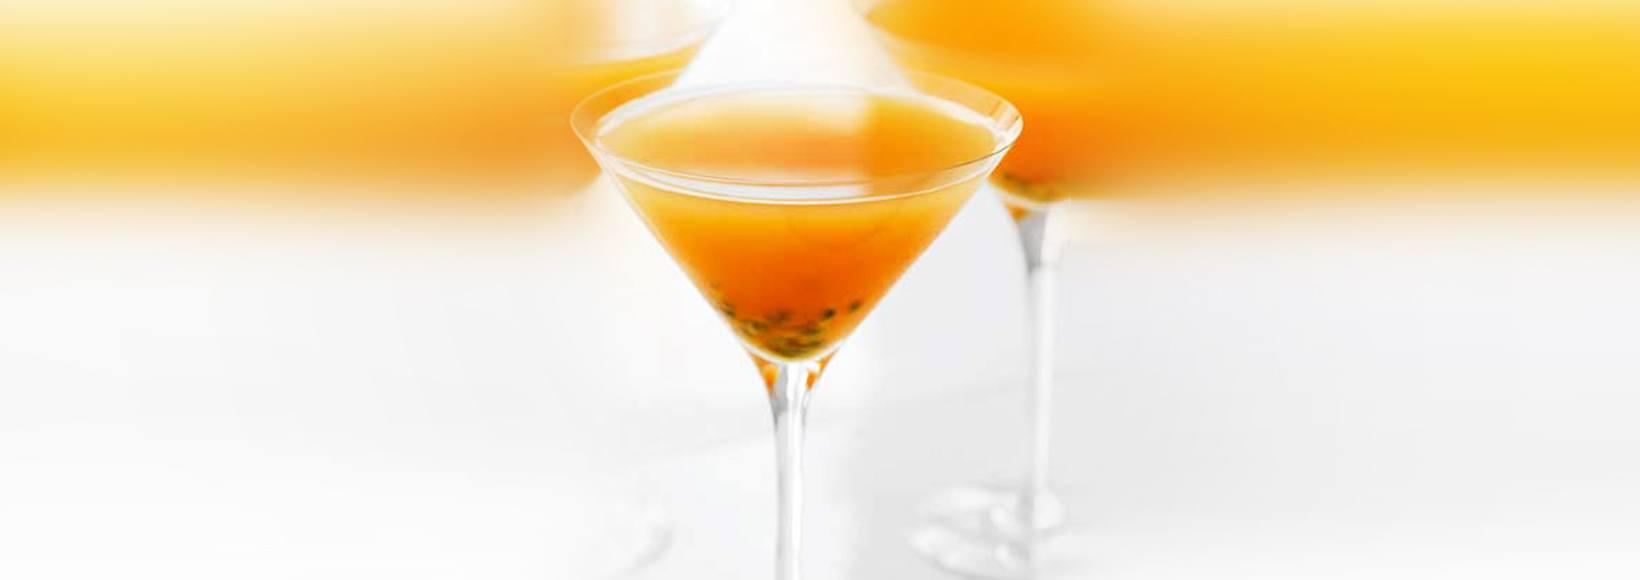 Floridian Martini Cocktail